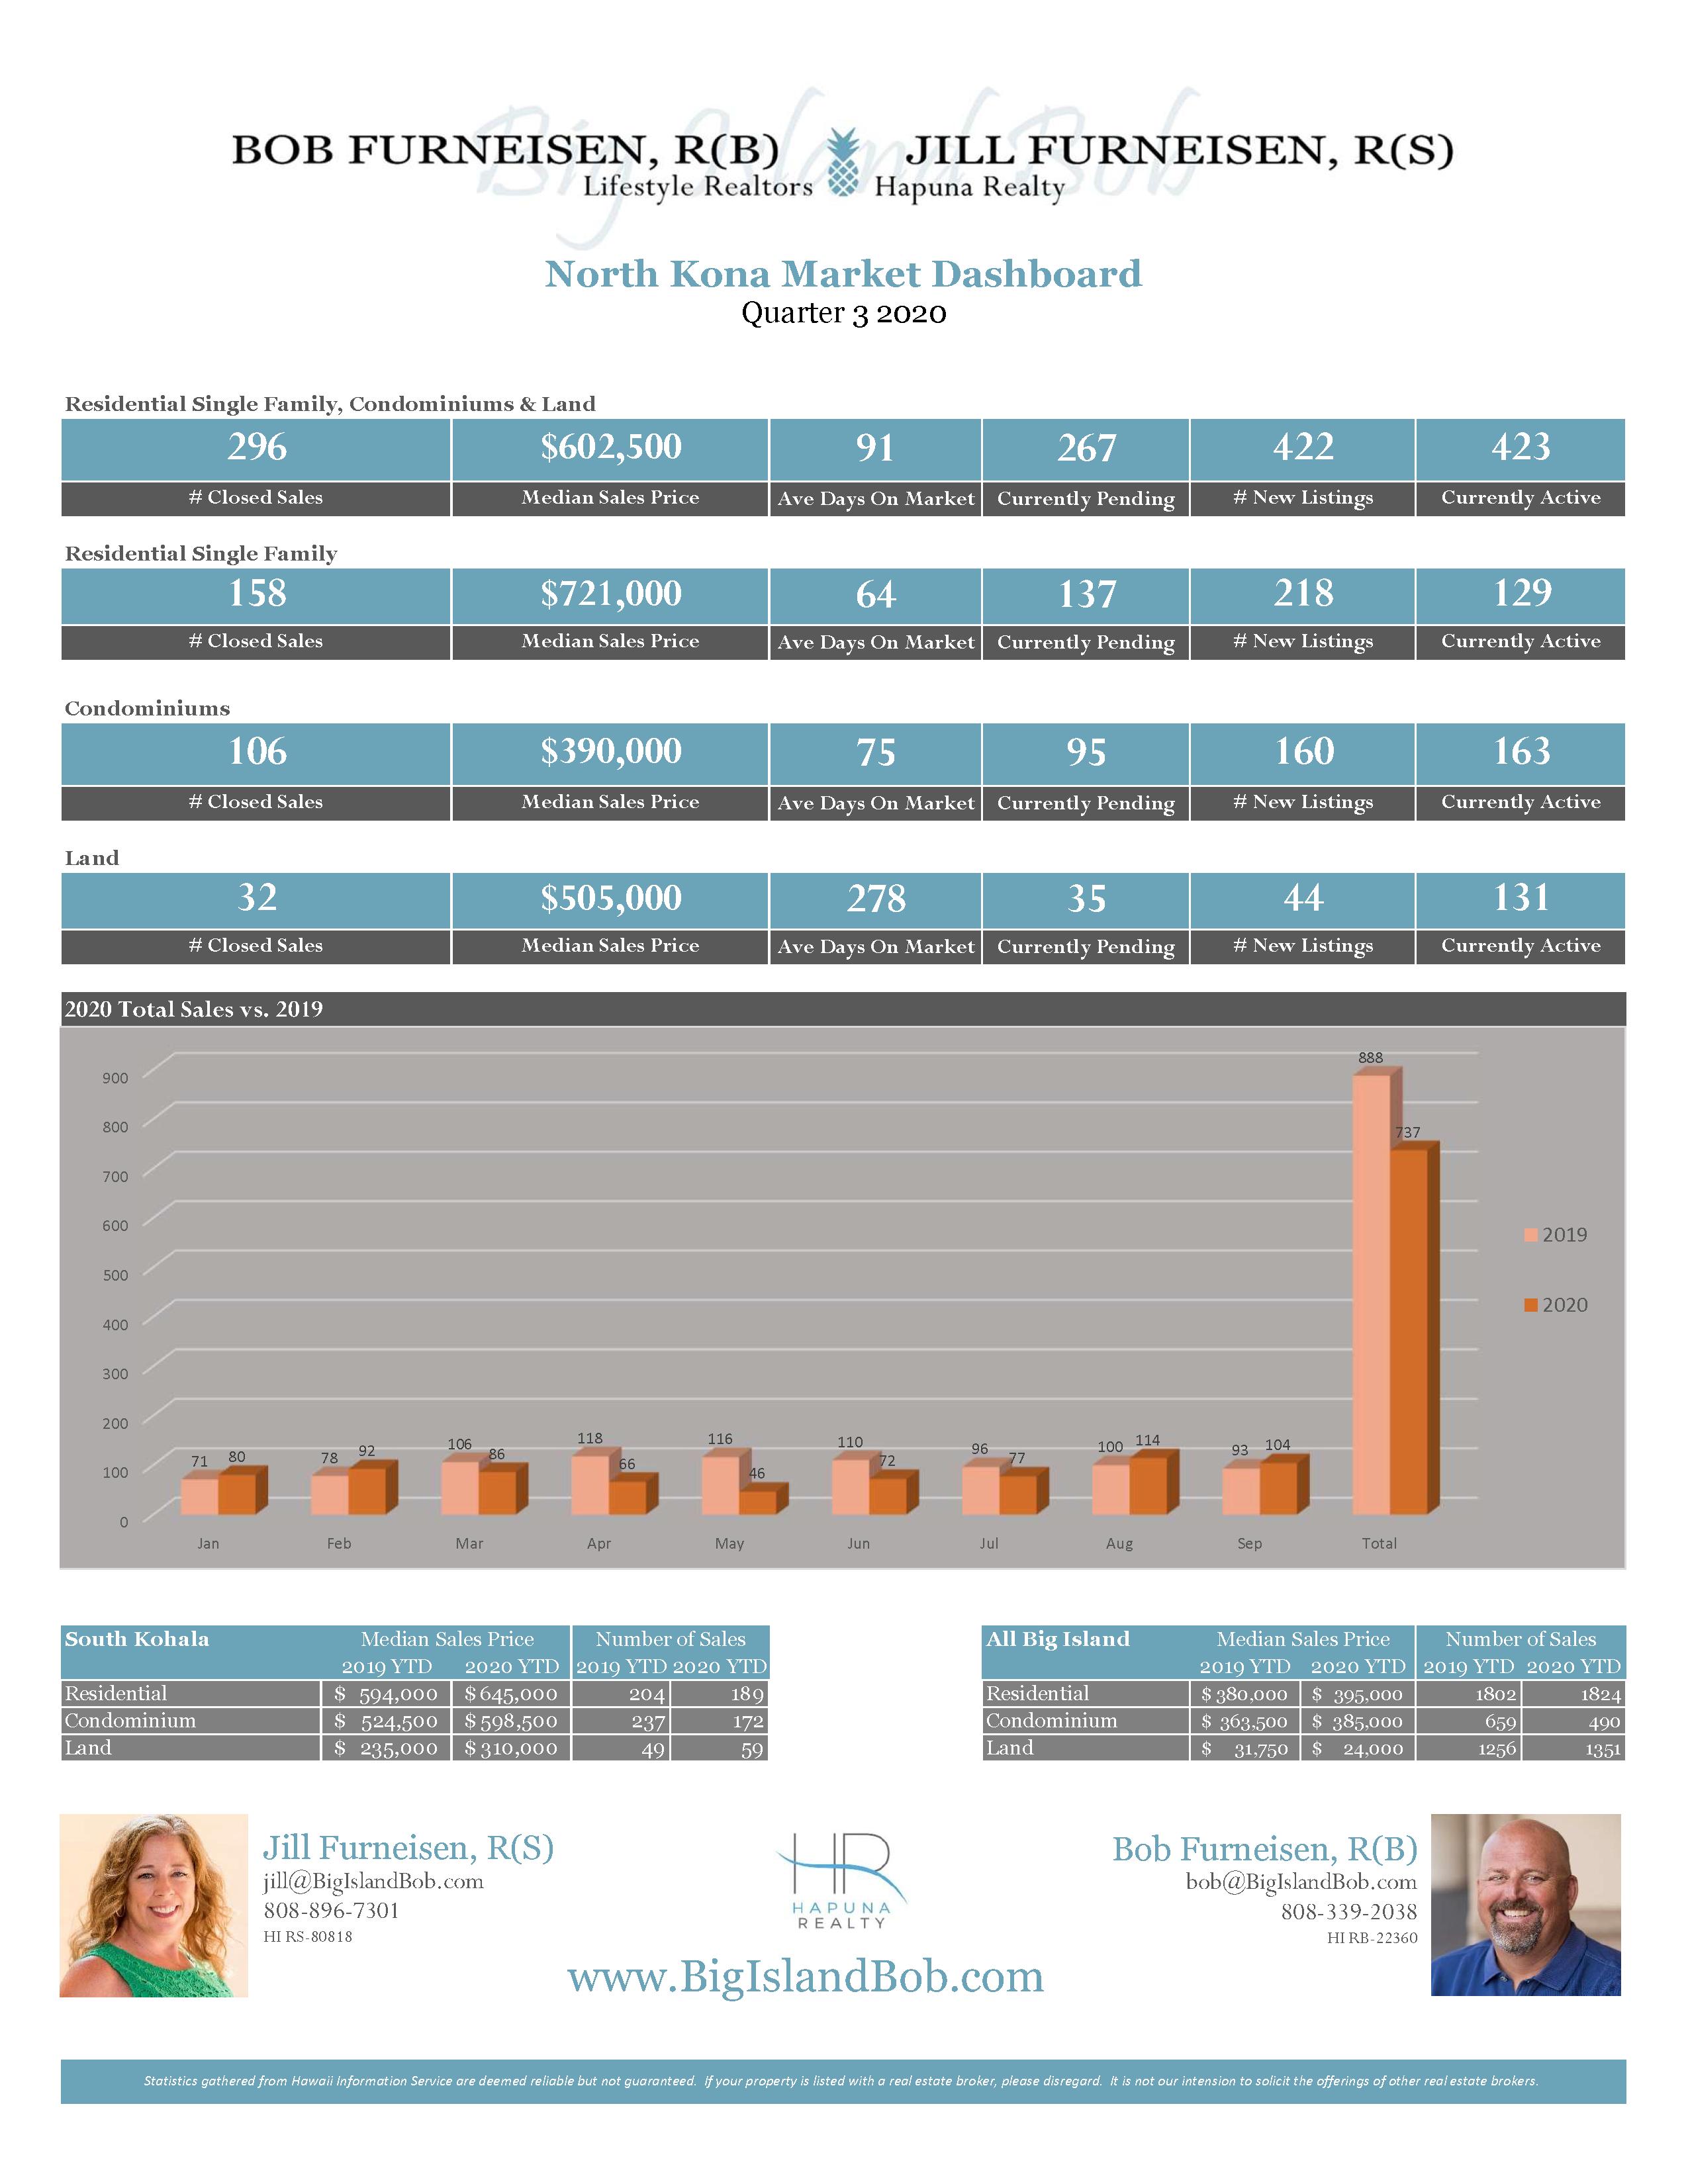 North Kona Quarter 3 2020 Real Estate Market Dashboard